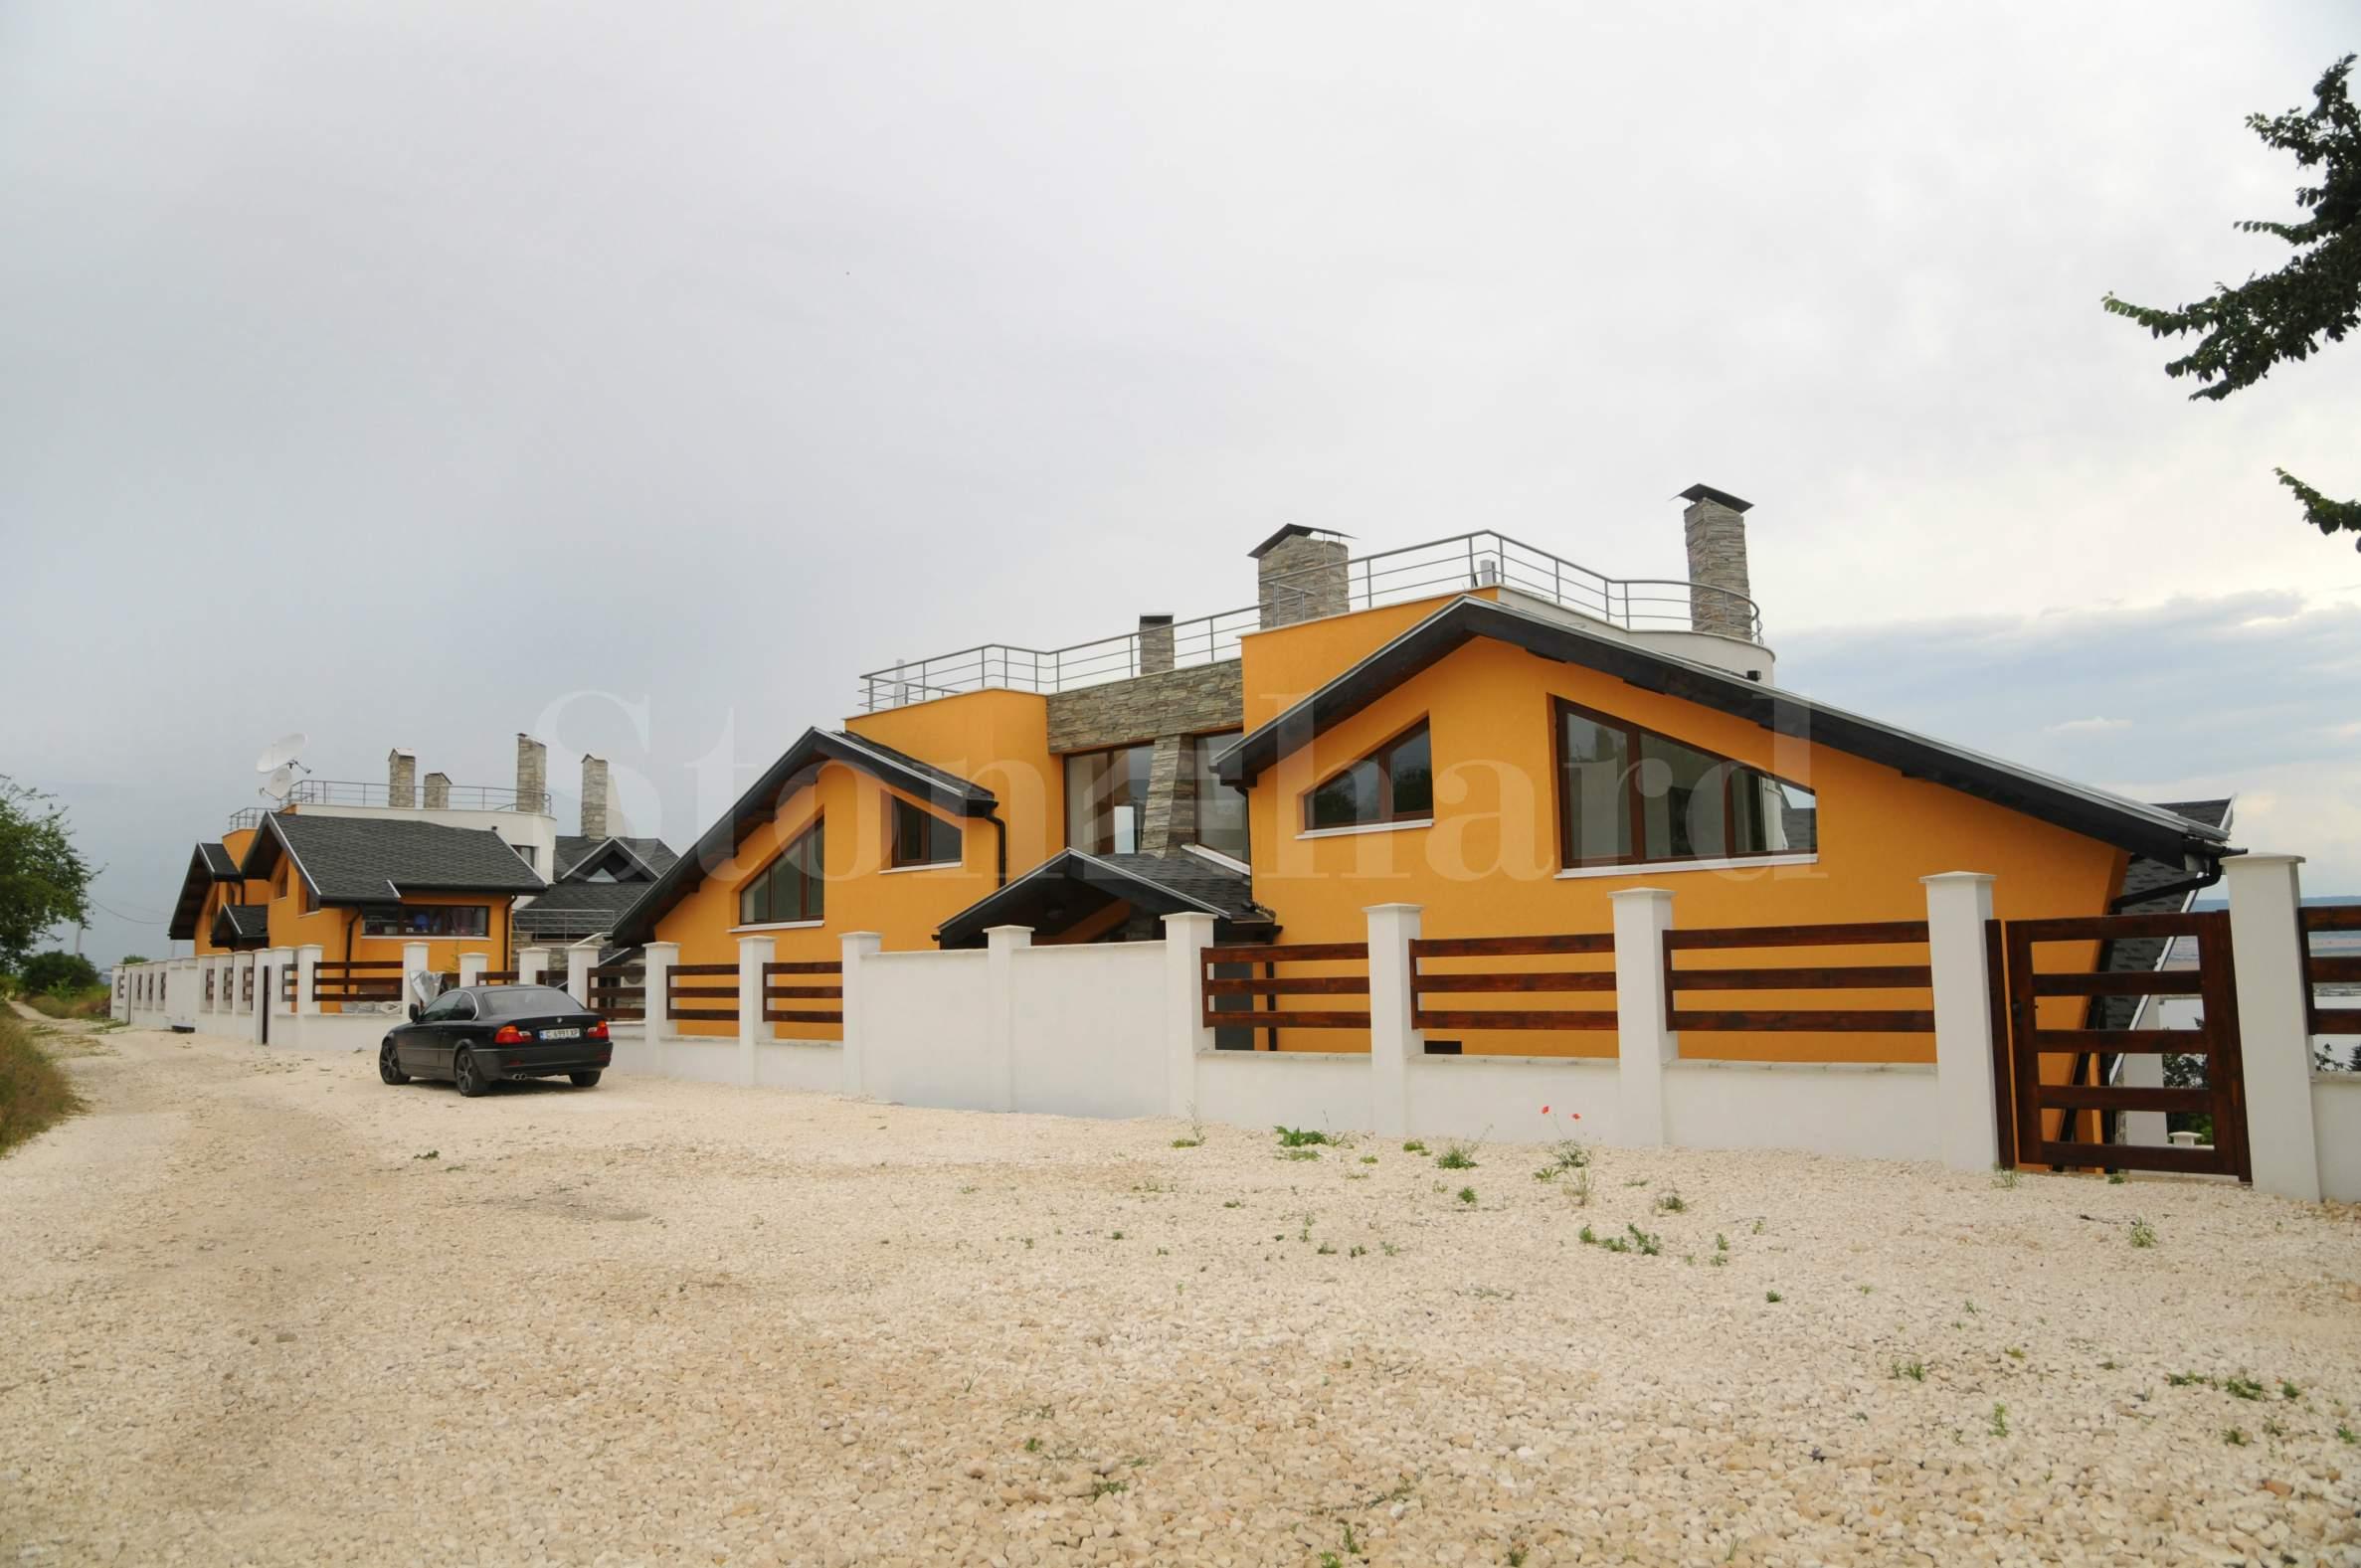 Къща за продажба до Варненското езеро2 - Stonehard